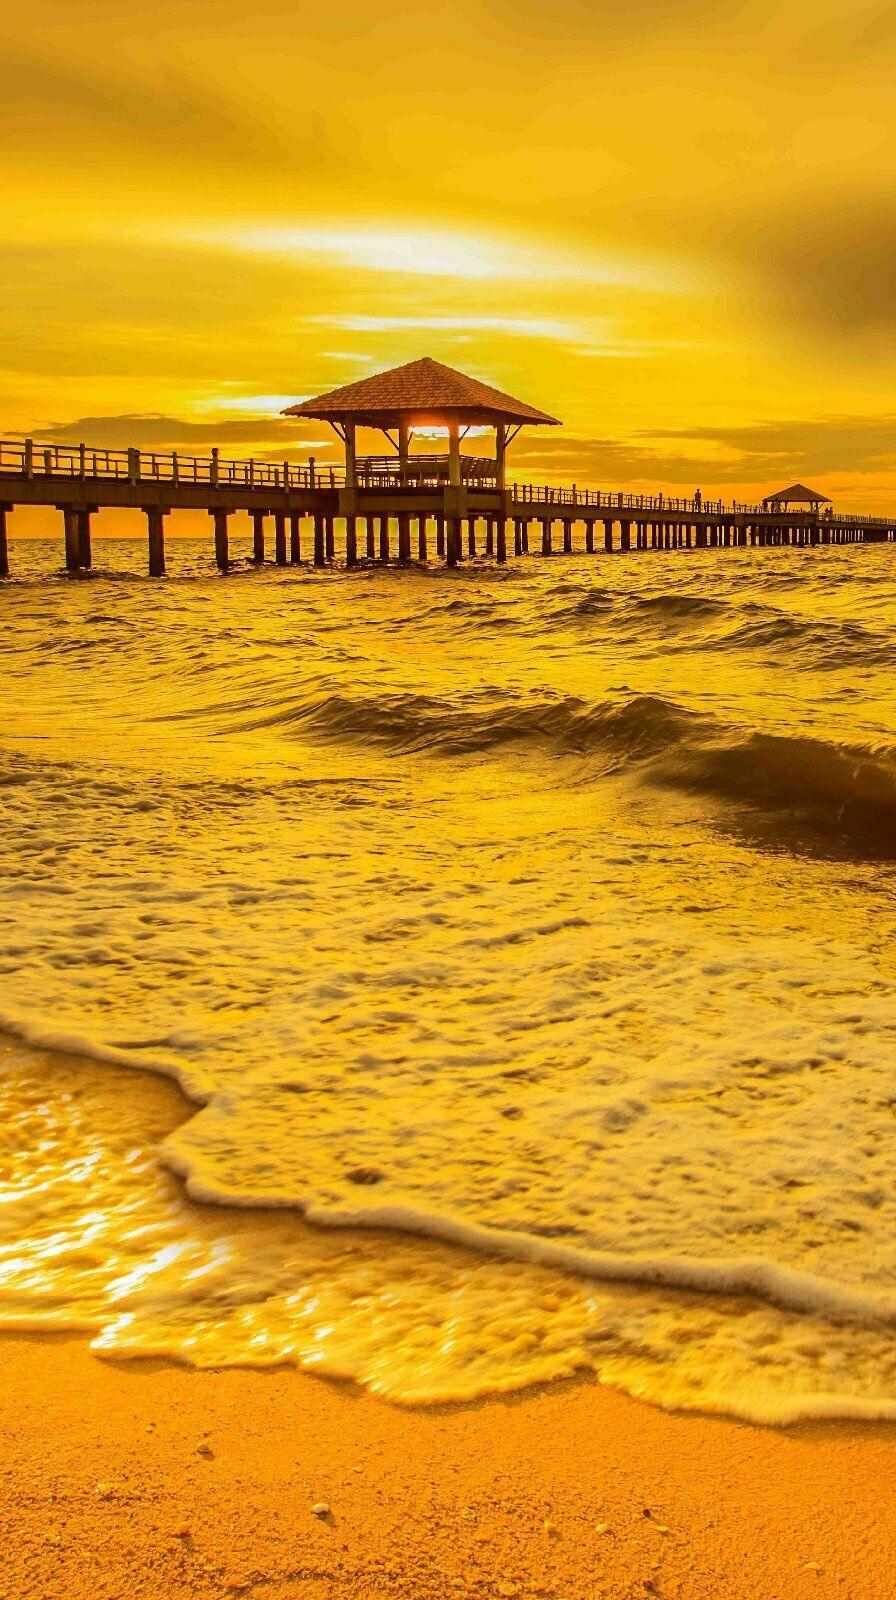 Eck Duschrückwand Rückwand Dusche Alu Sonnenuntergang Meer Strand  Duc17